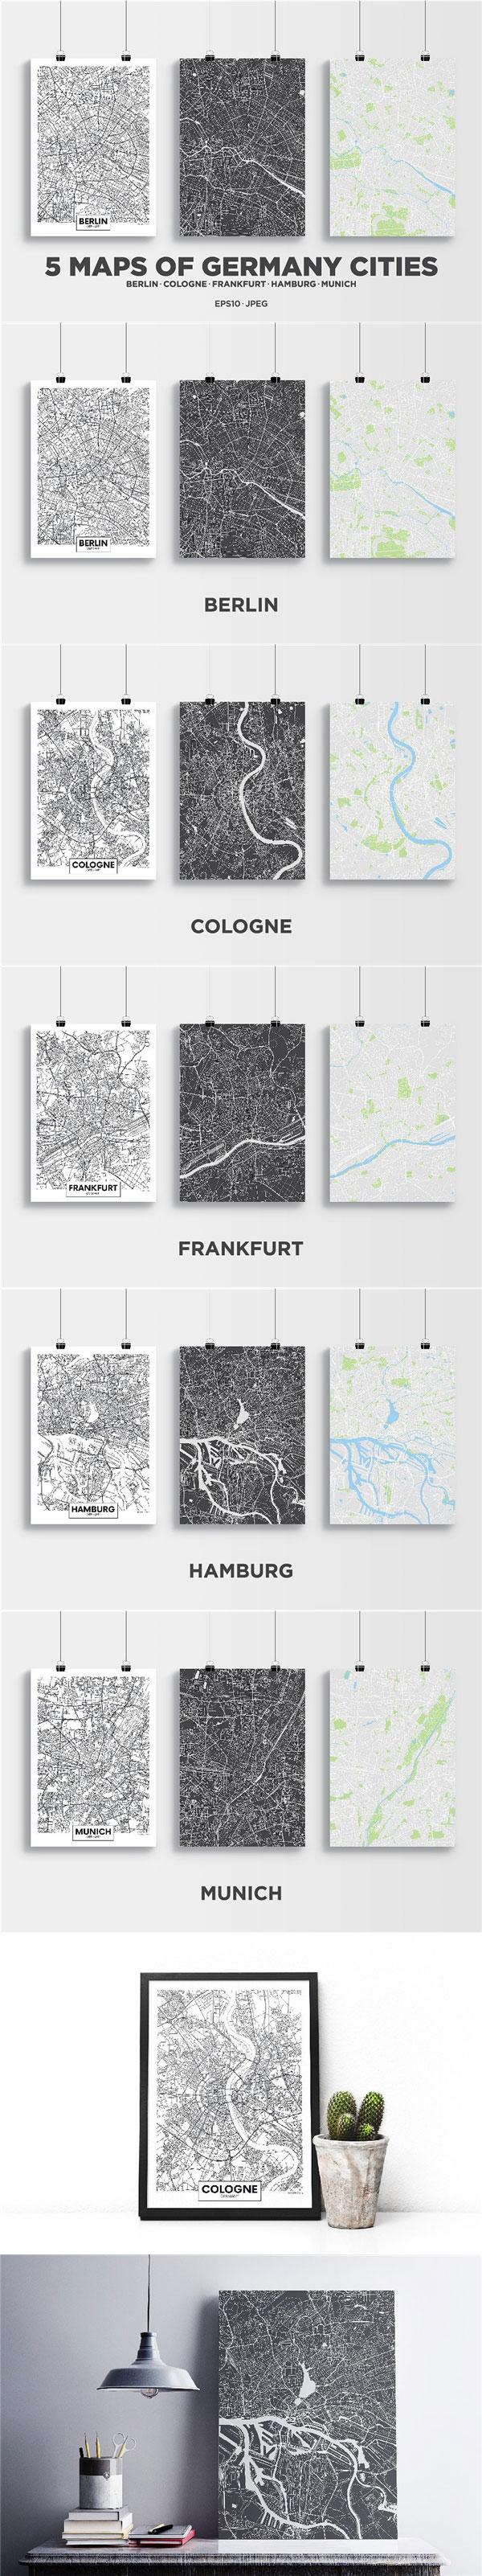 德国城市地图